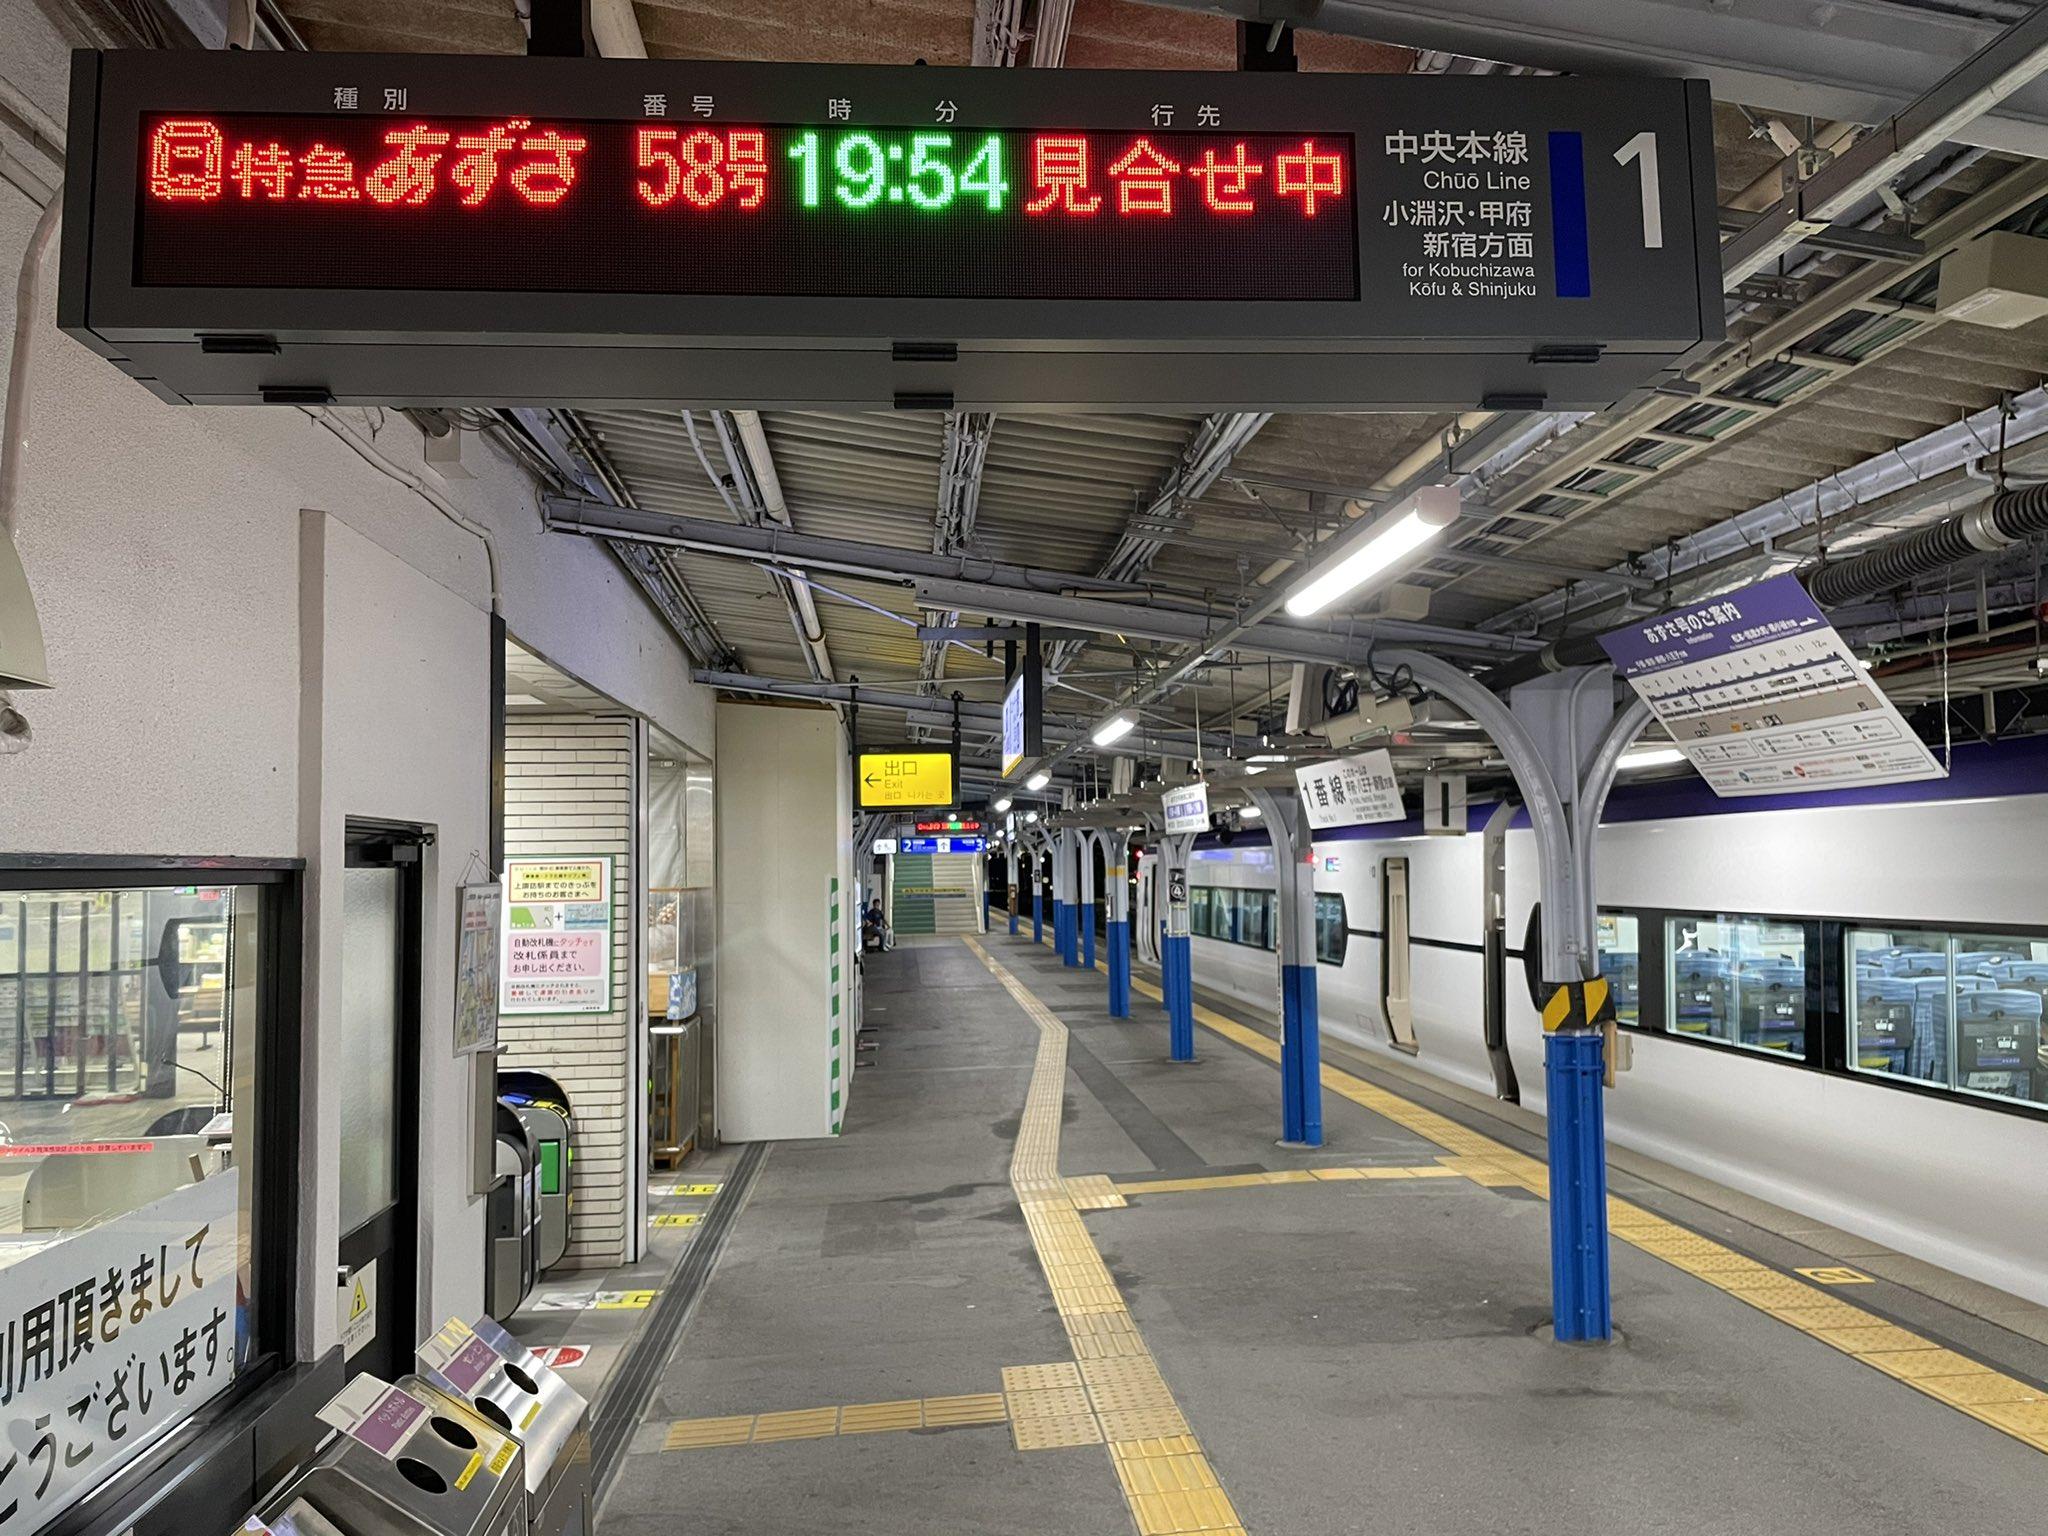 【ムーンライトあずさ?】大雨で特急あずさ58号が約5時間遅れに 新宿2:46到着で列車ホテルとして開放